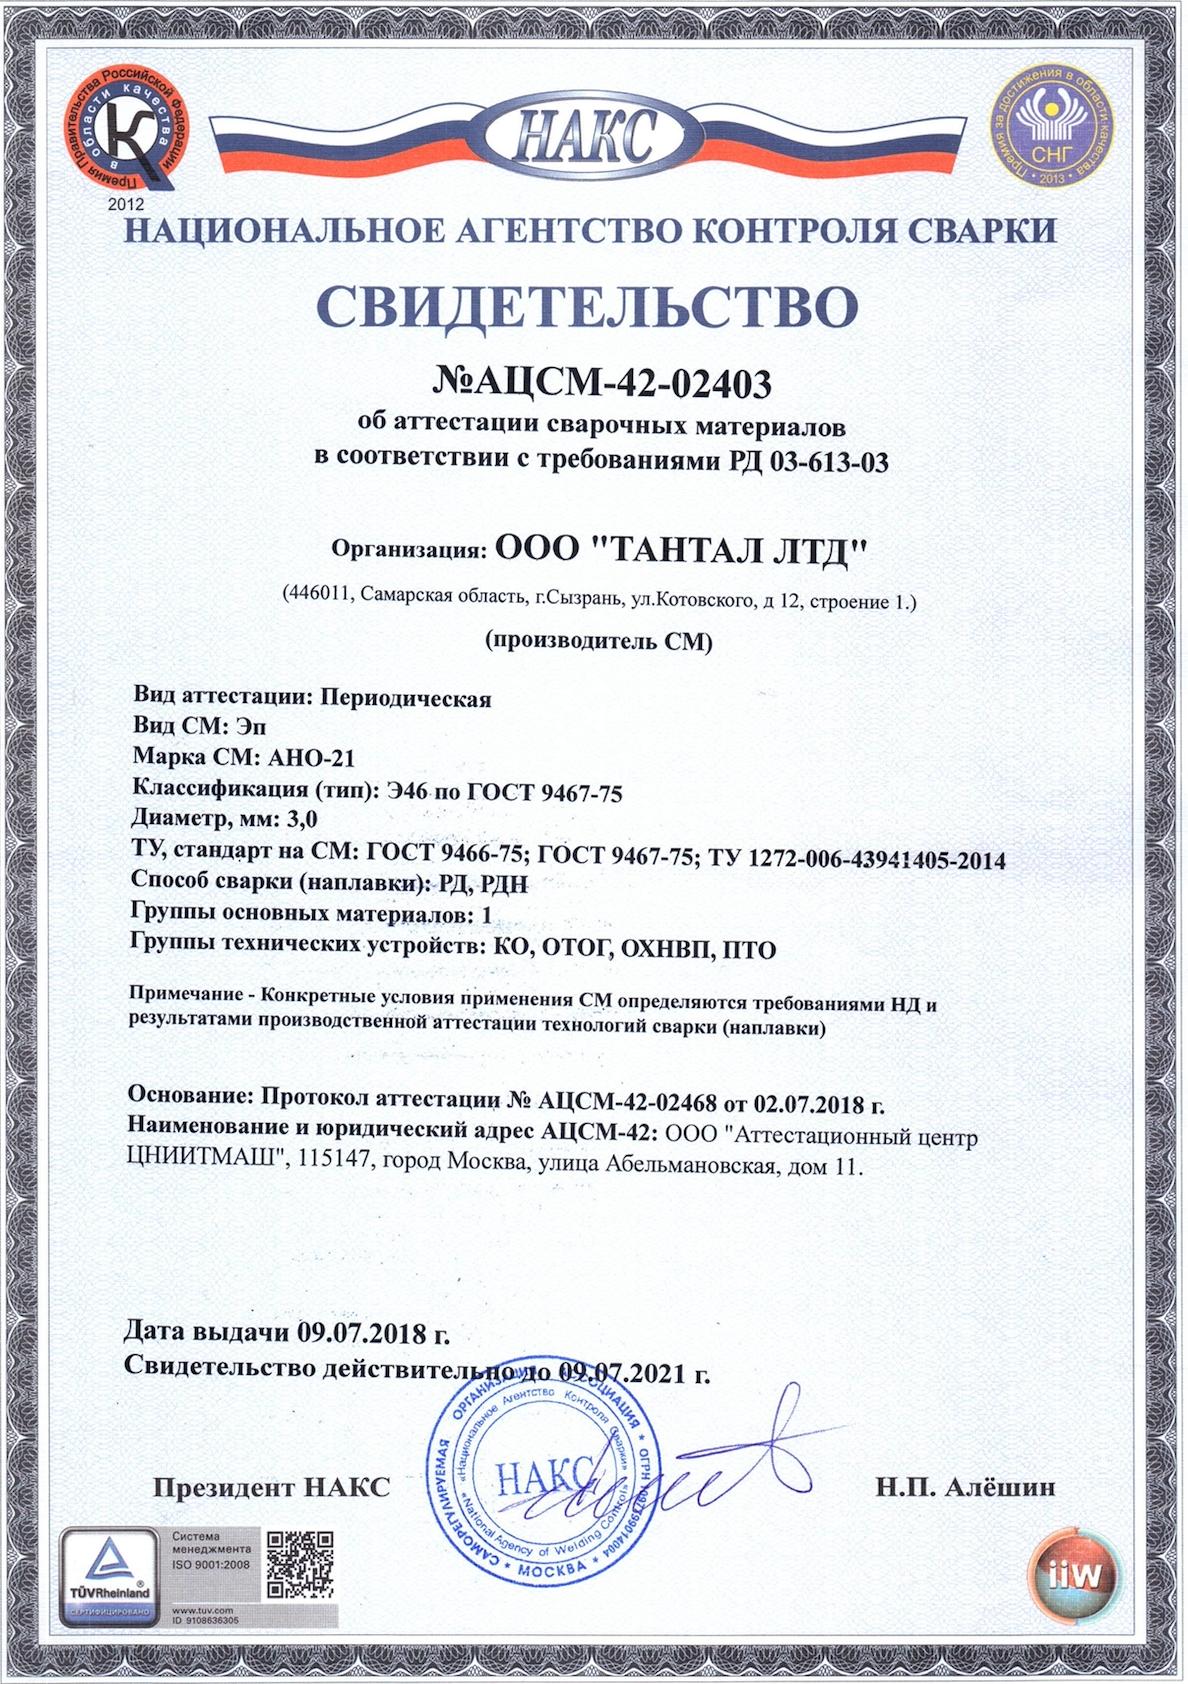 Свидетельство НАКС АНО-21 (3мм)